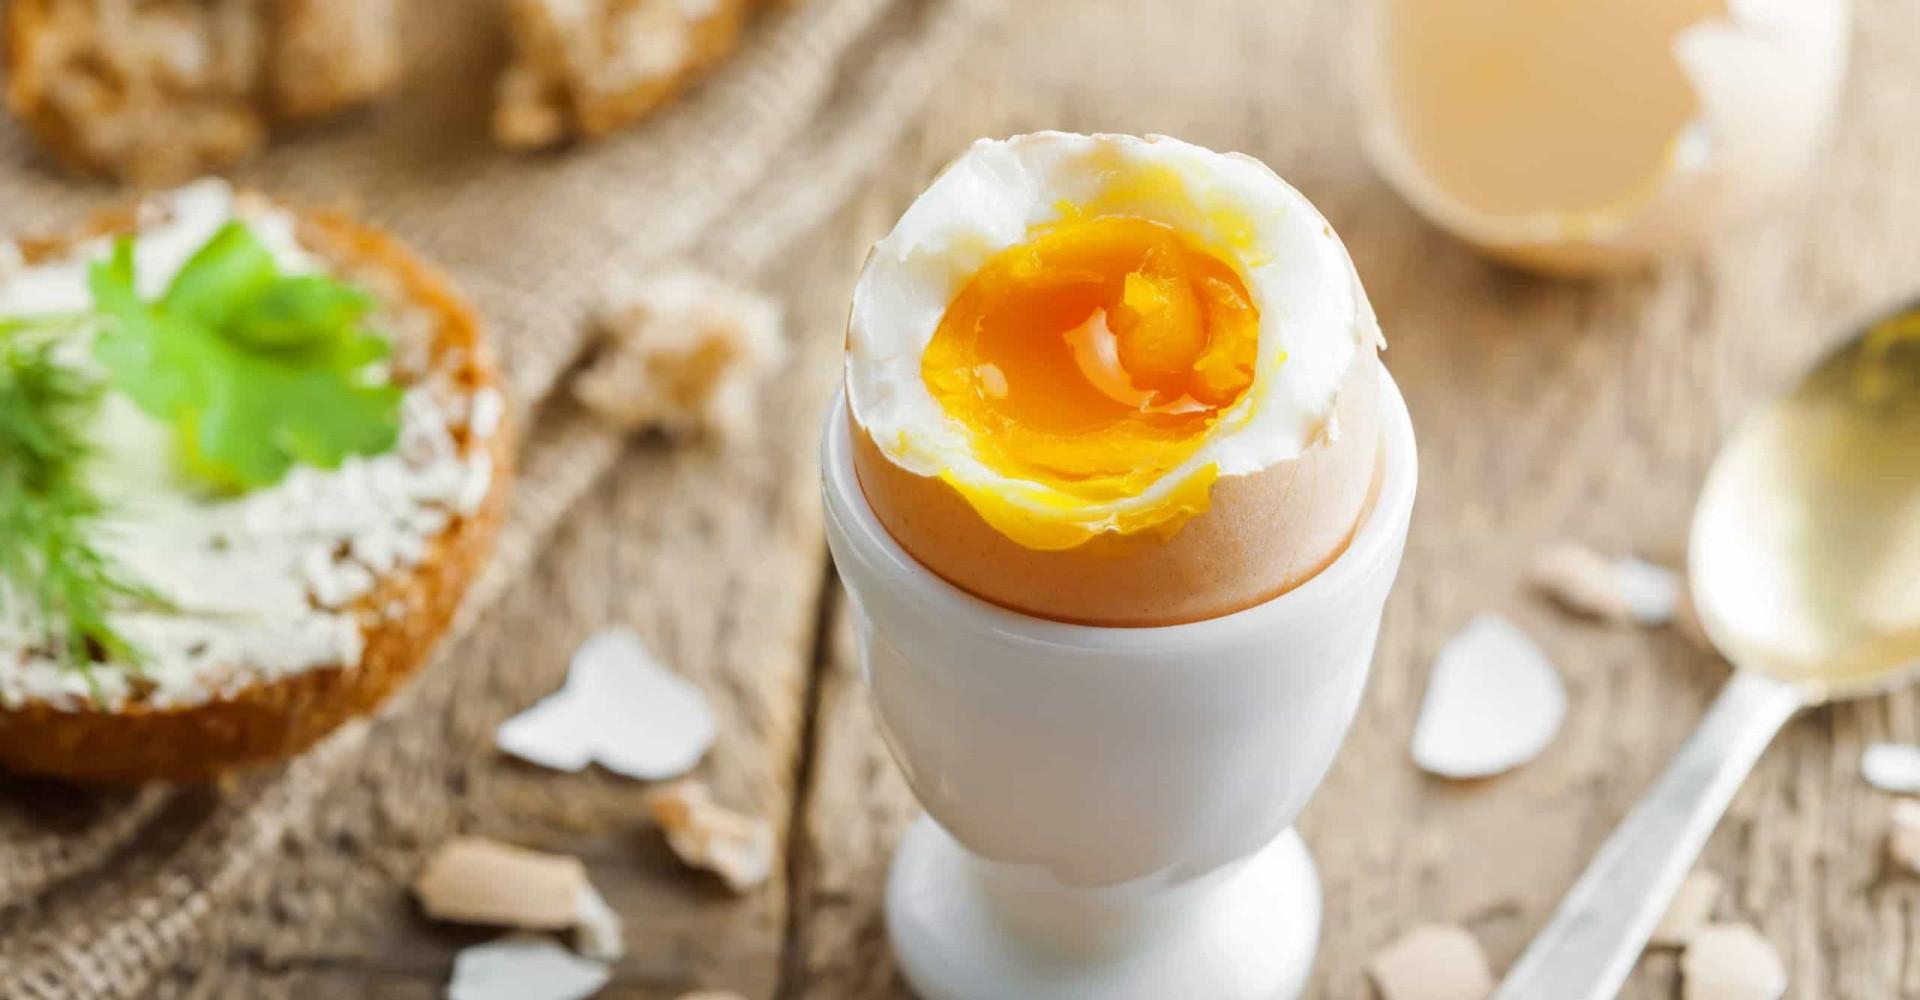 Zachtgekookt of hardgekookt ei: wat is gezonder?